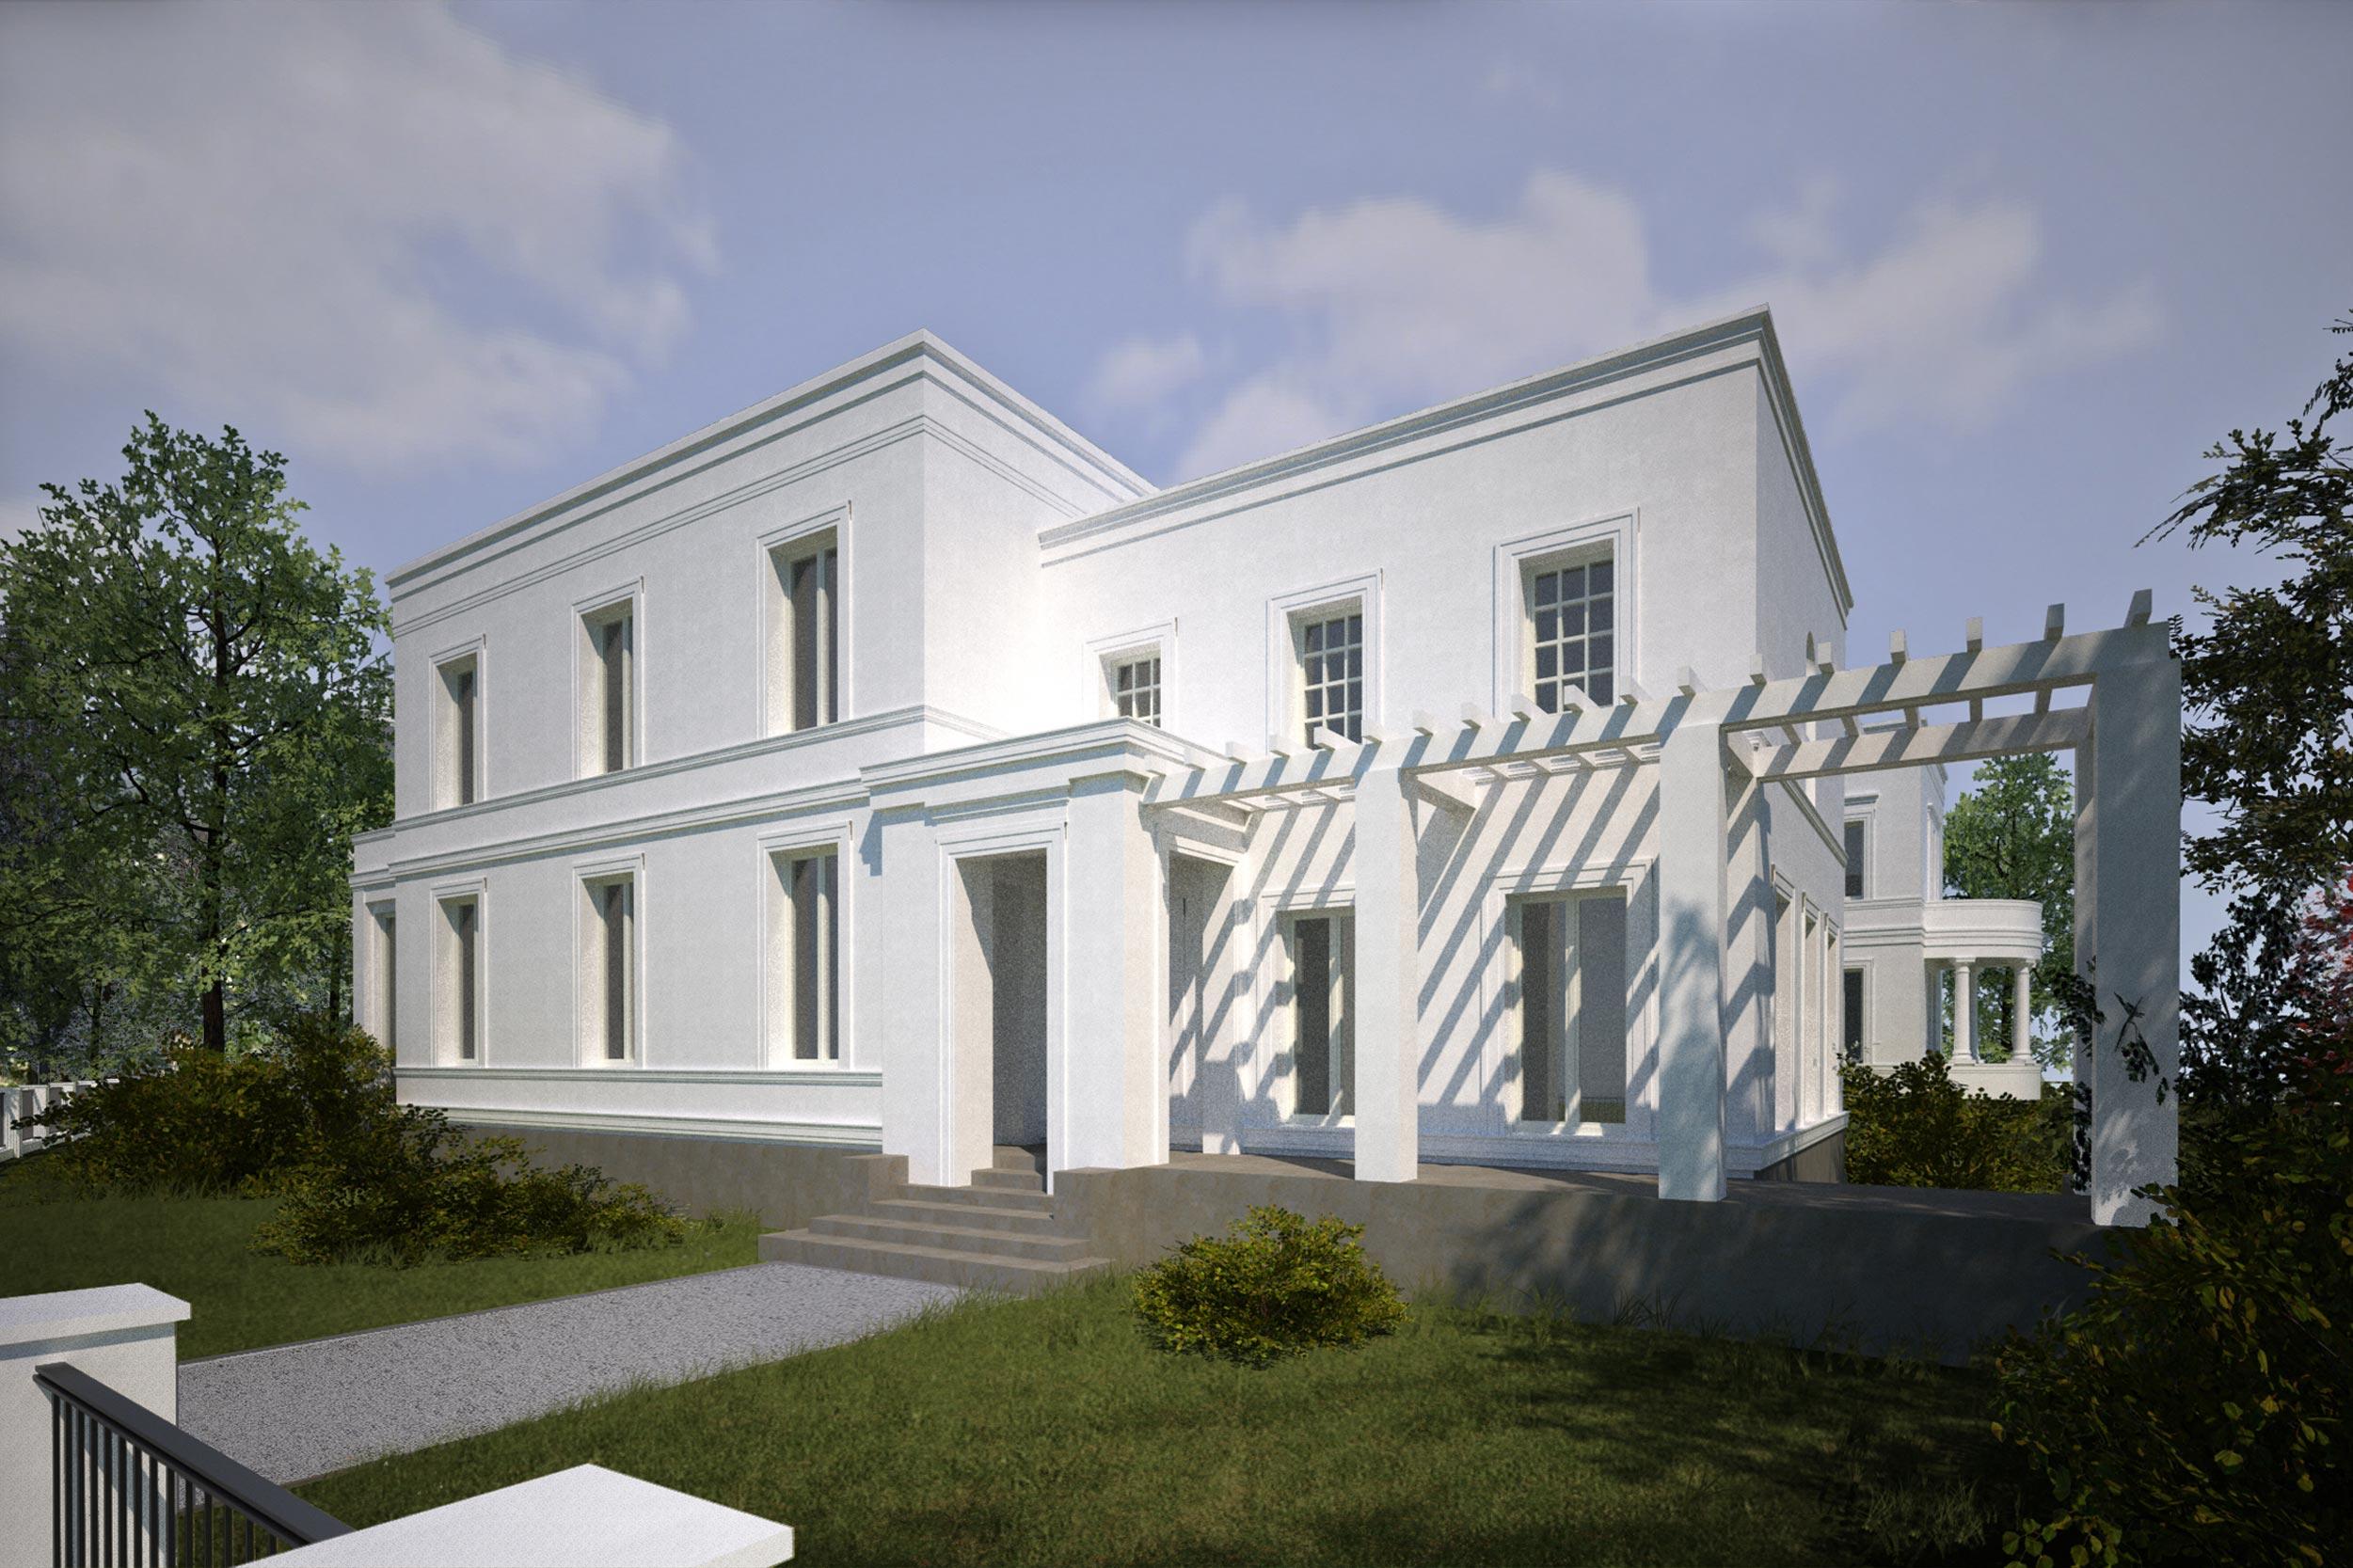 Klassische Neubauvillen in Potsdam-Jungfernsee - Das überdachte Säulenportal, die Porch und die Pergola der zweigeschossigen Villa